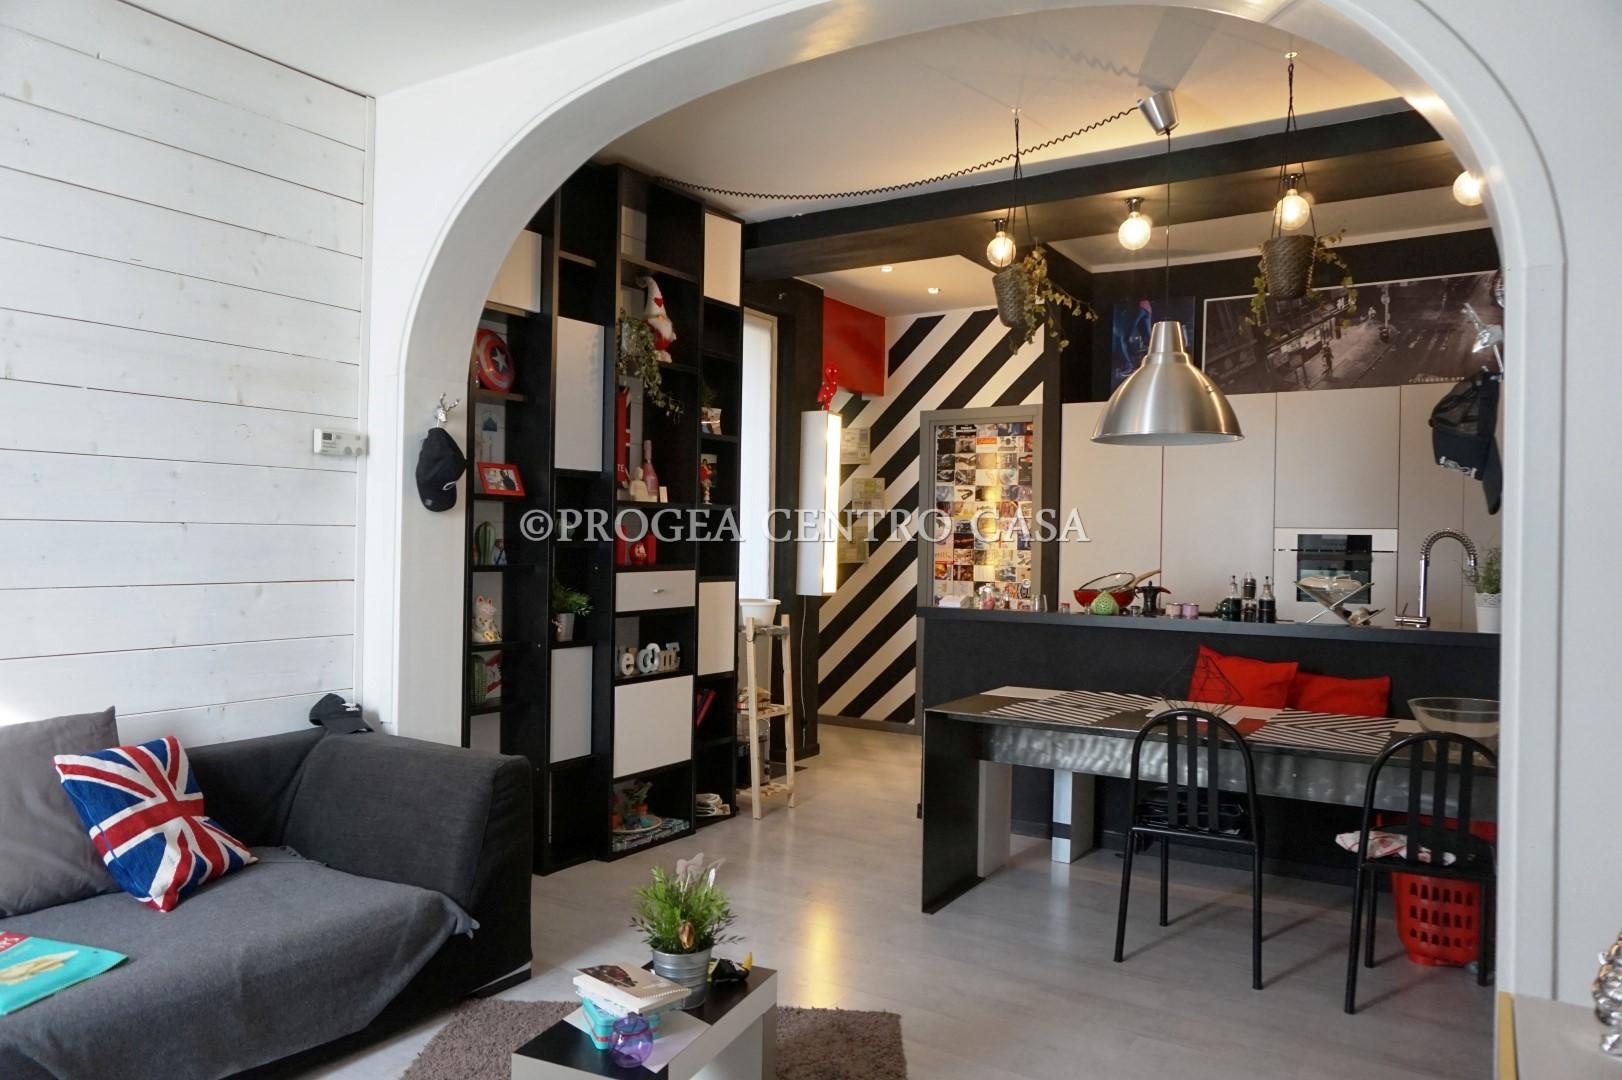 Appartamento bilocale in affitto a bergamo boccaleone for Affitto commerciale